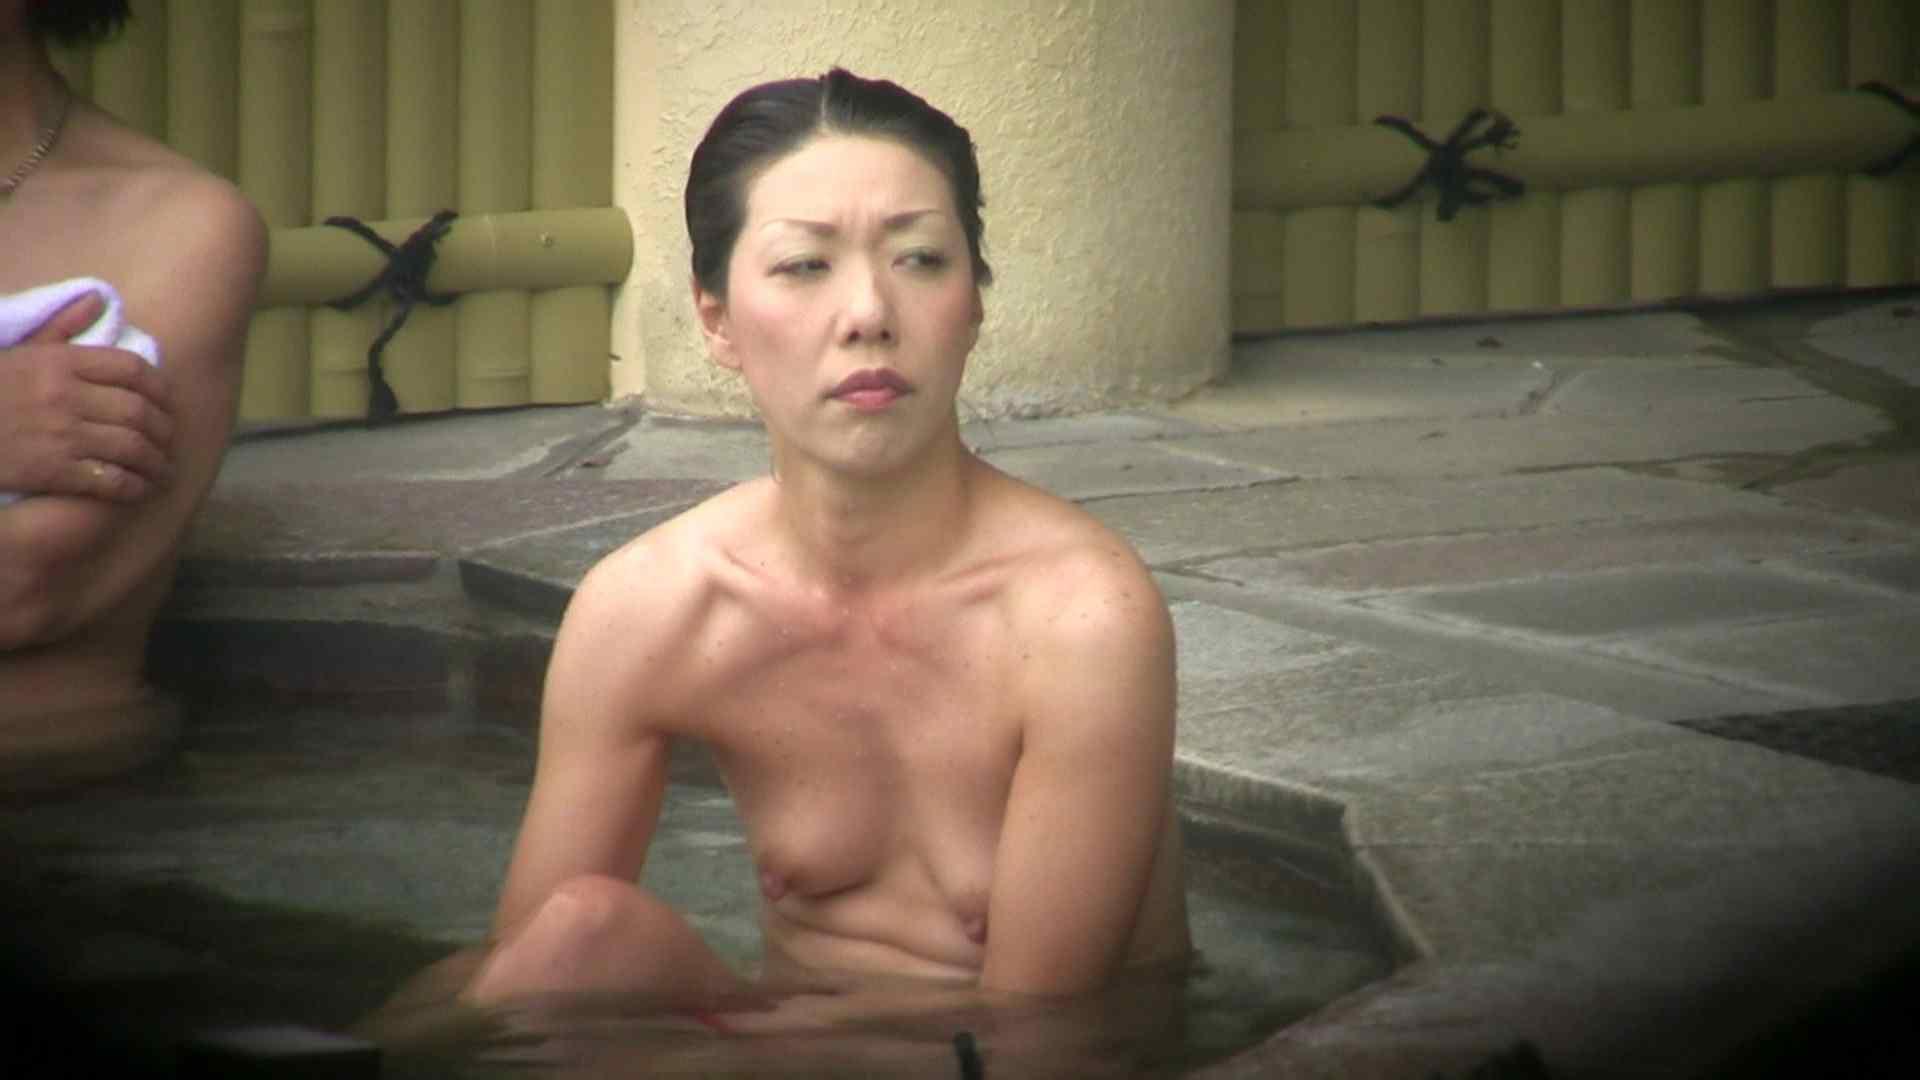 高画質露天女風呂観察 vol.036 高画質 | 女風呂  85pic 30